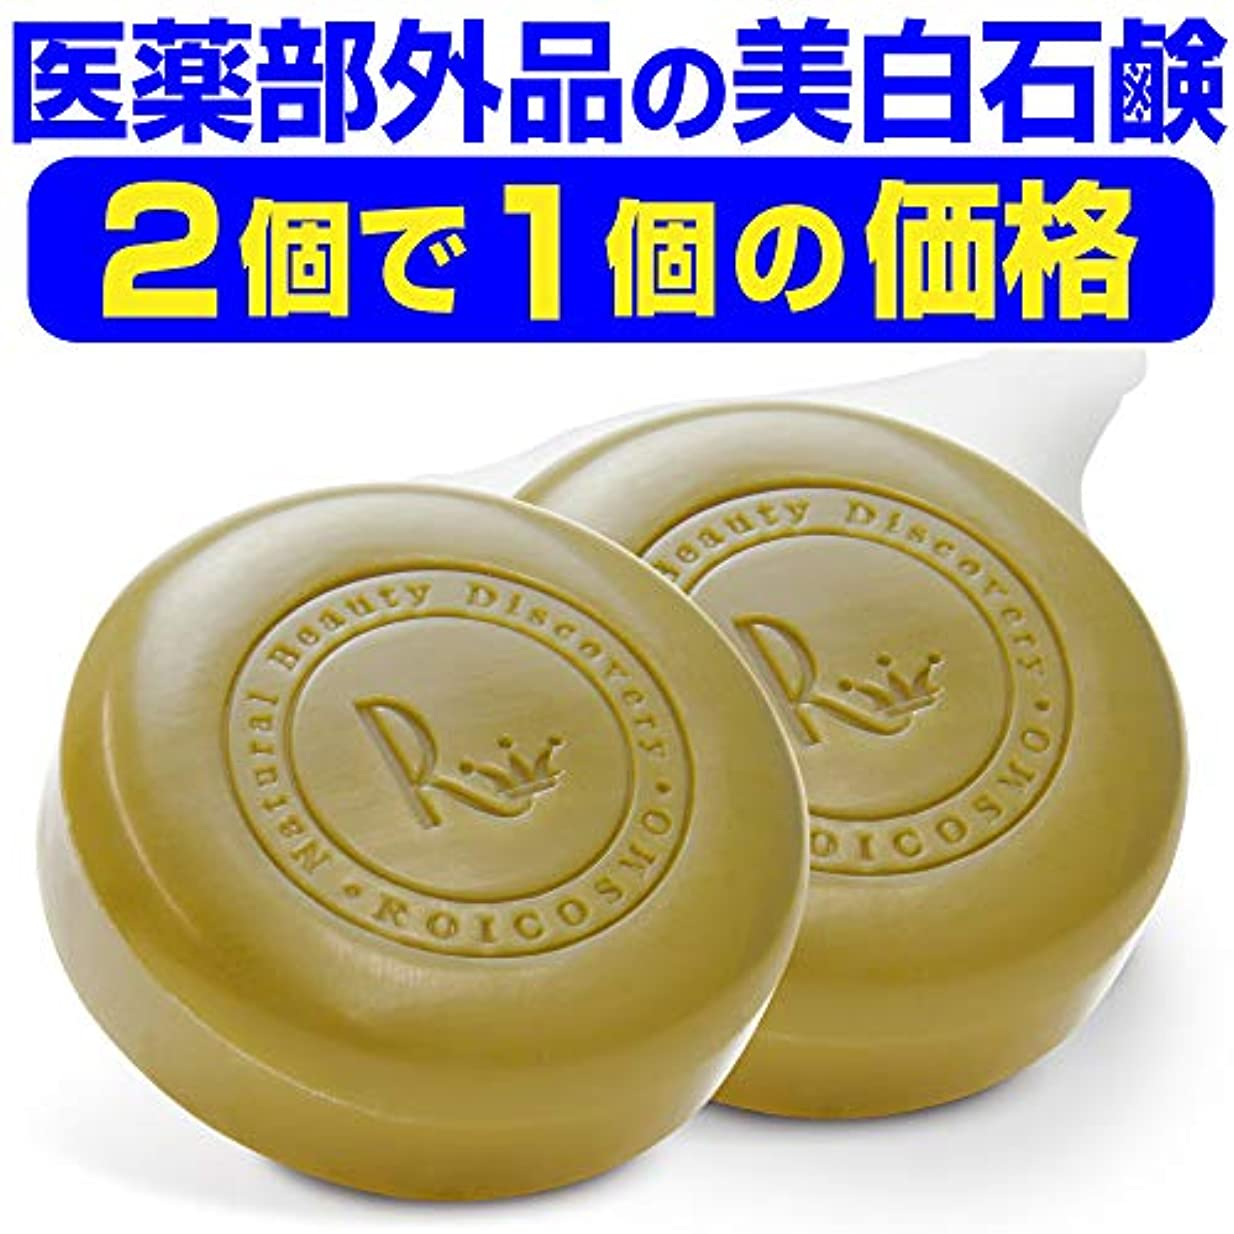 チャールズキージングデザイナー故国2個まとめ買い9%OFF 美白石鹸/ビタミンC270倍の美白成分配合の 洗顔石鹸 固形『ホワイトソープ100g×2個』